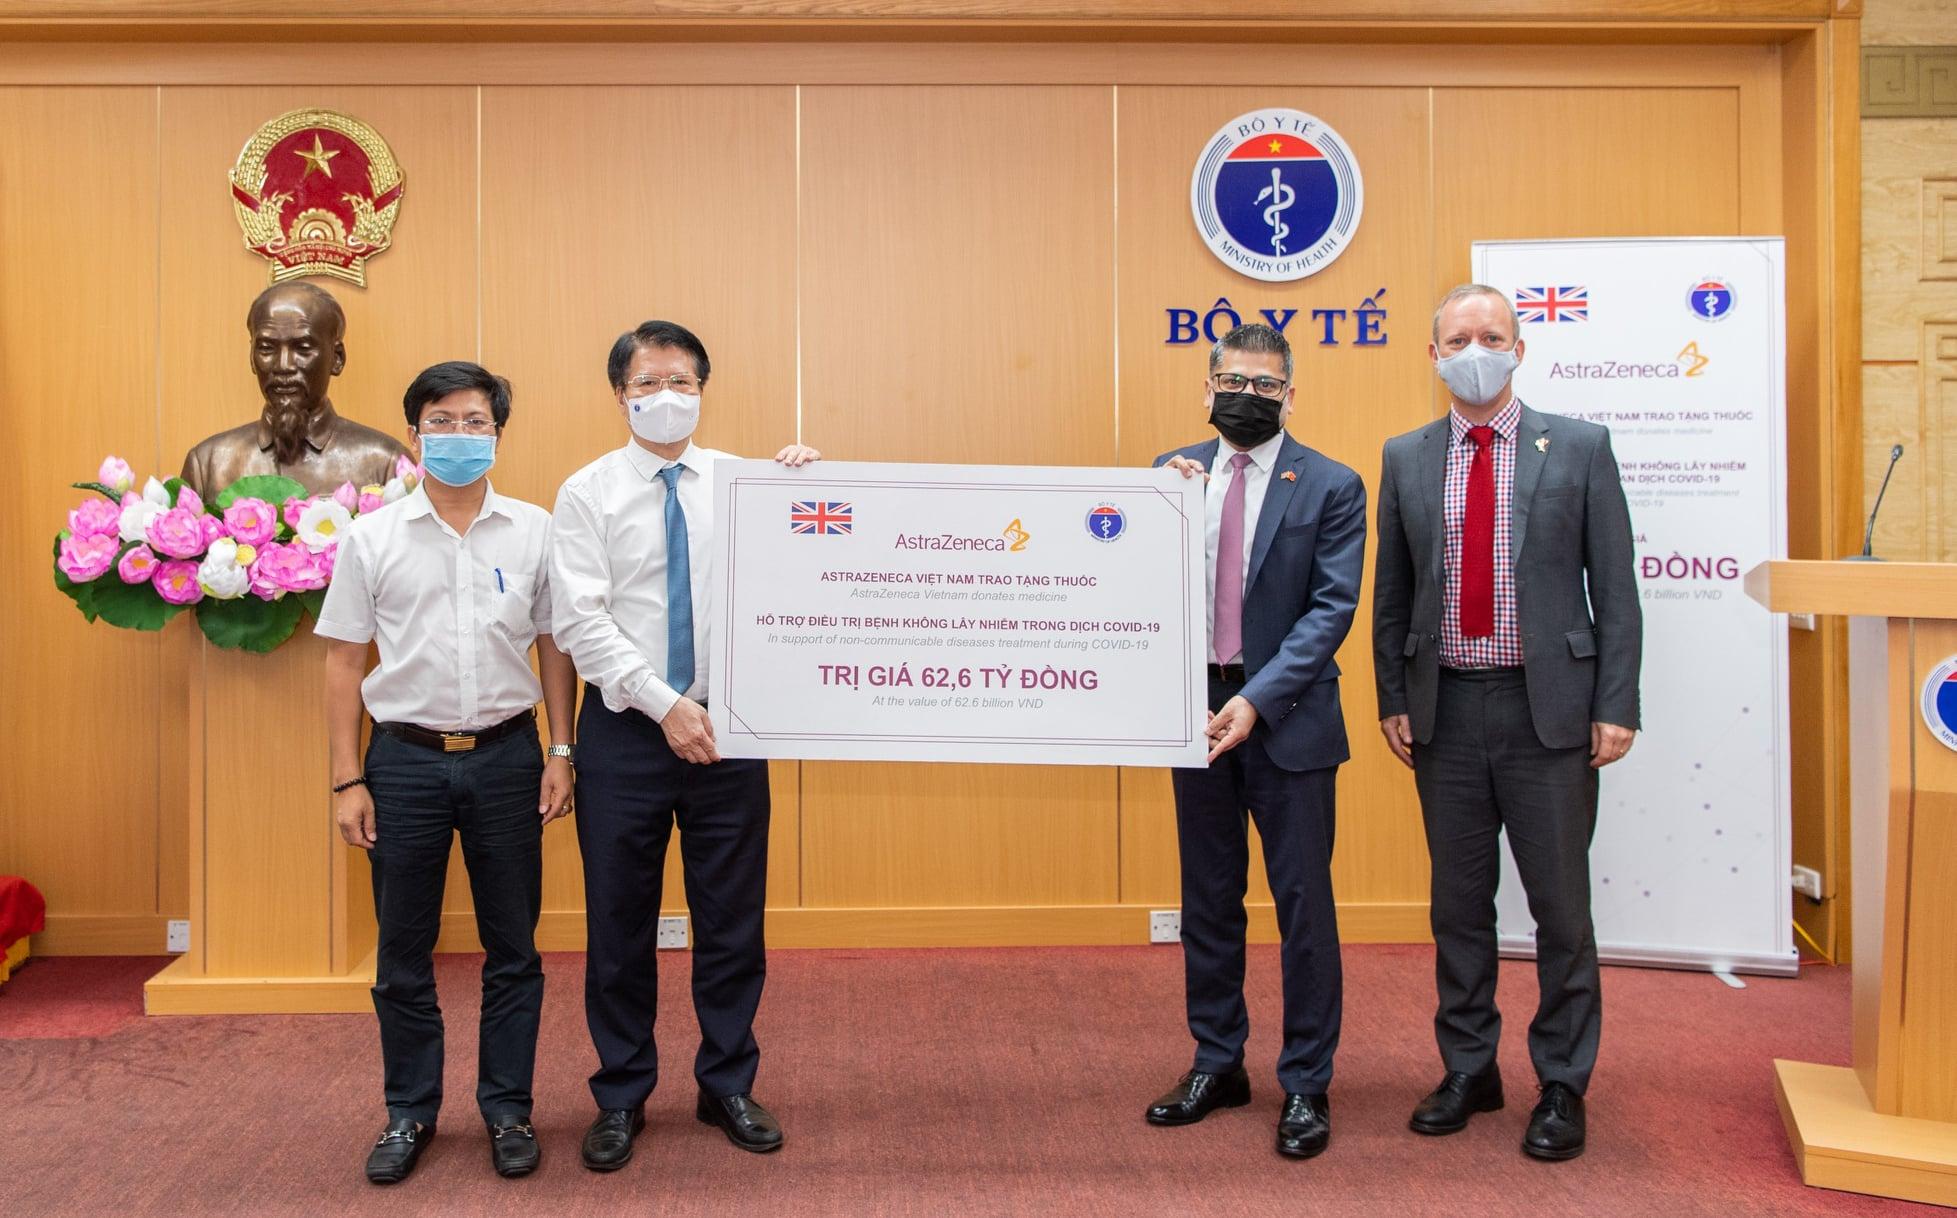 Bộ Y tế tiếp nhận 150.000 hộp thuốc hỗ trợ điều trị bệnh không lây nhiễm